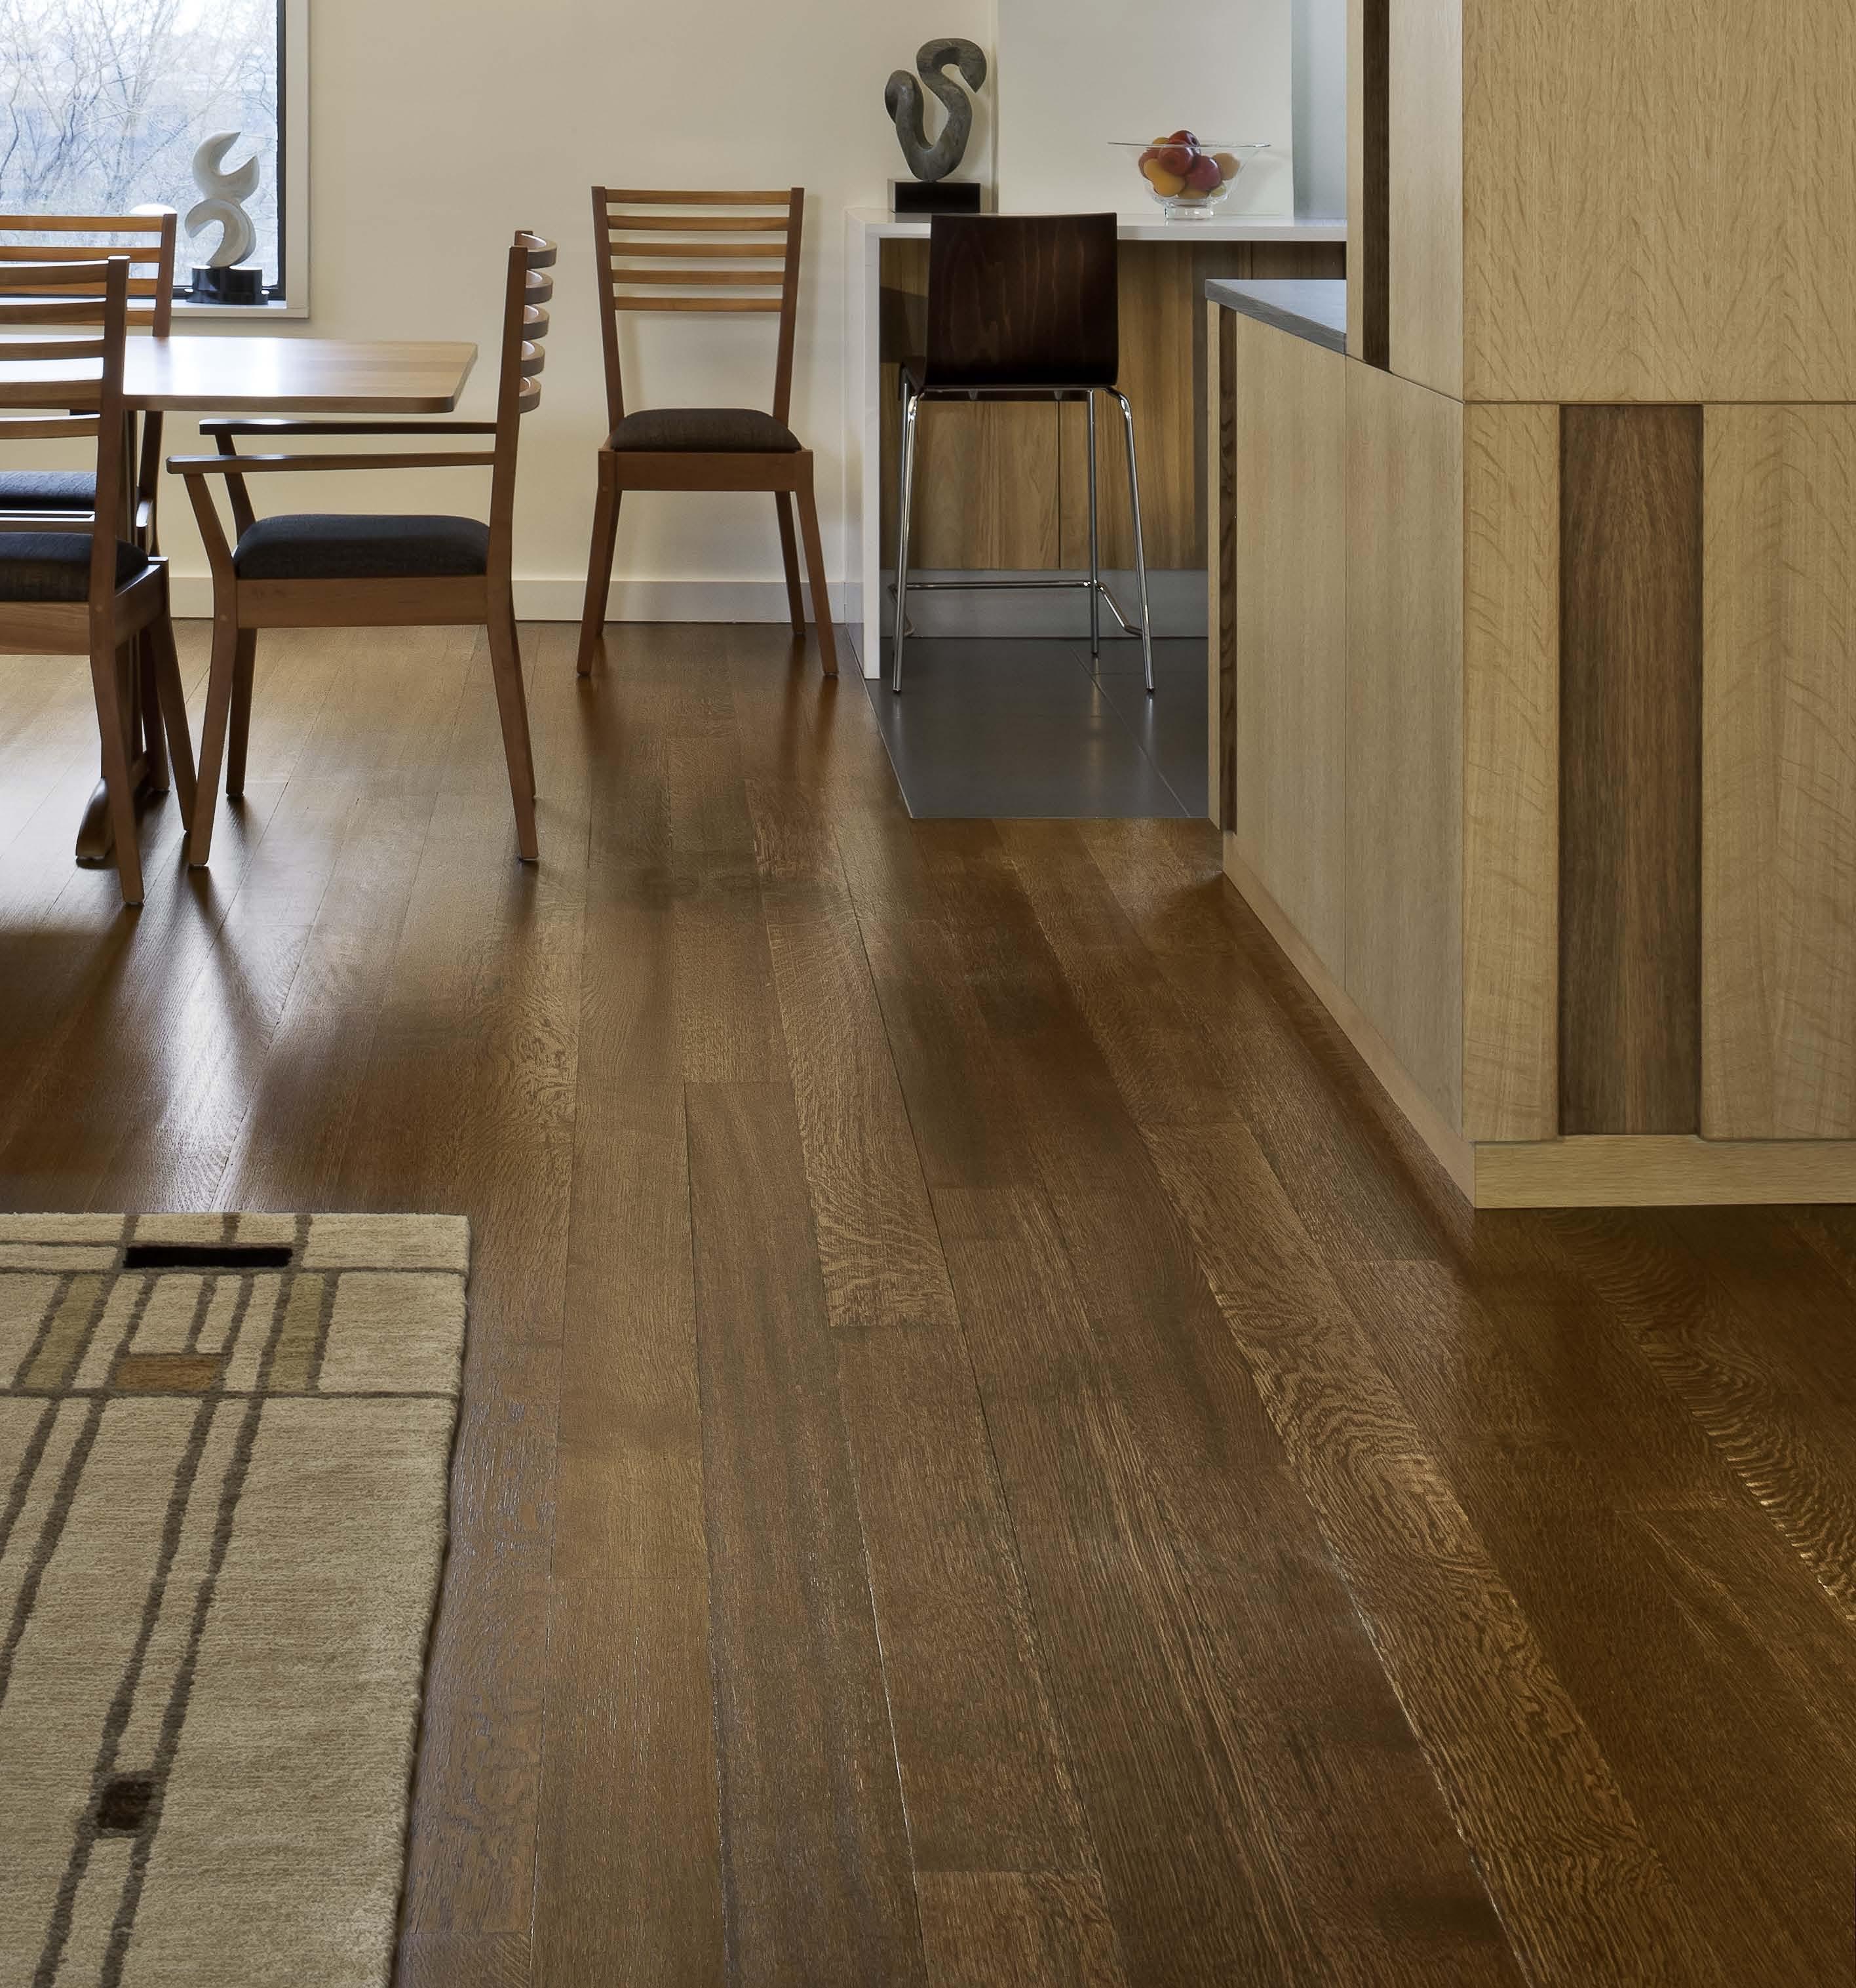 hardwood flooring sawmills of extraordinary gray wide plank wood flooring for wood floor with regard to extraordinary gray wide plank wood flooring